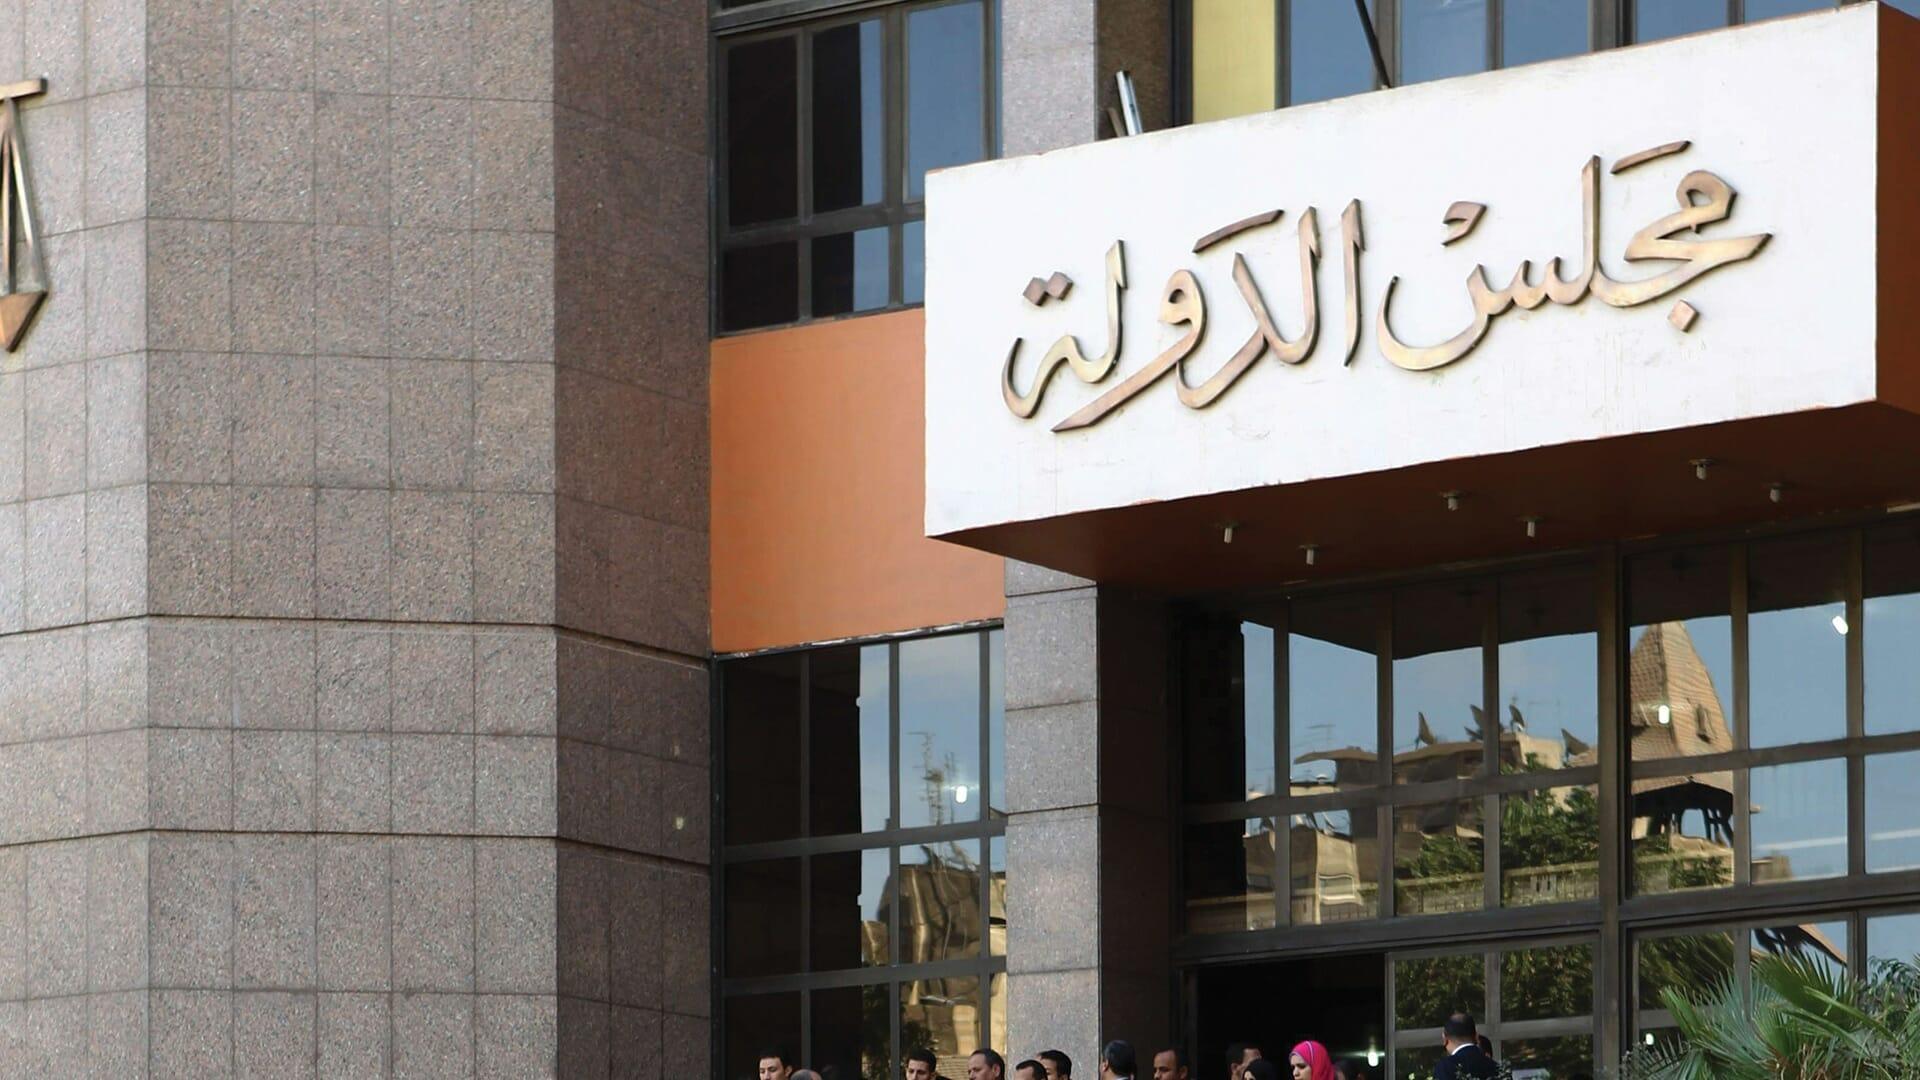 المحكمة الإدارية العليا المصرية